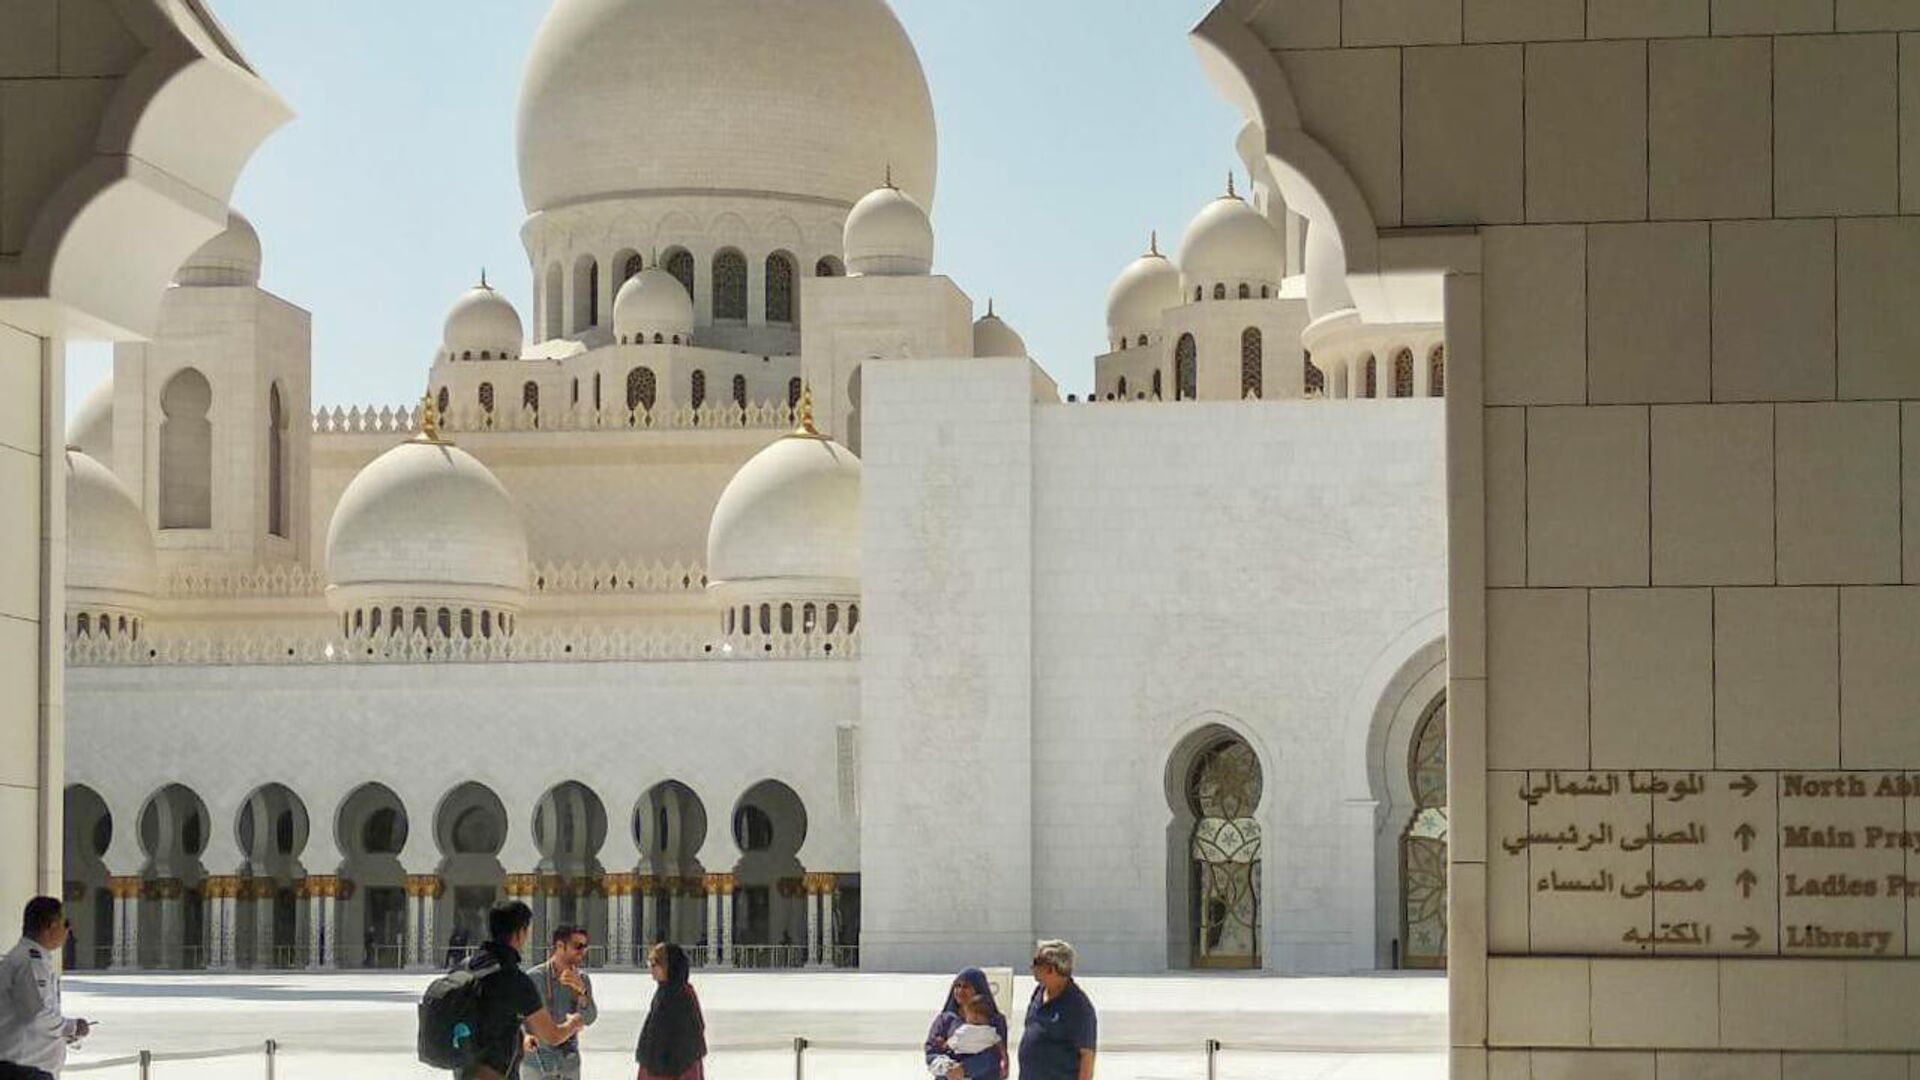 Туристы у входа в мечеть шейха Зайда в Абу-Даби, ОАЭ - РИА Новости, 1920, 10.11.2020